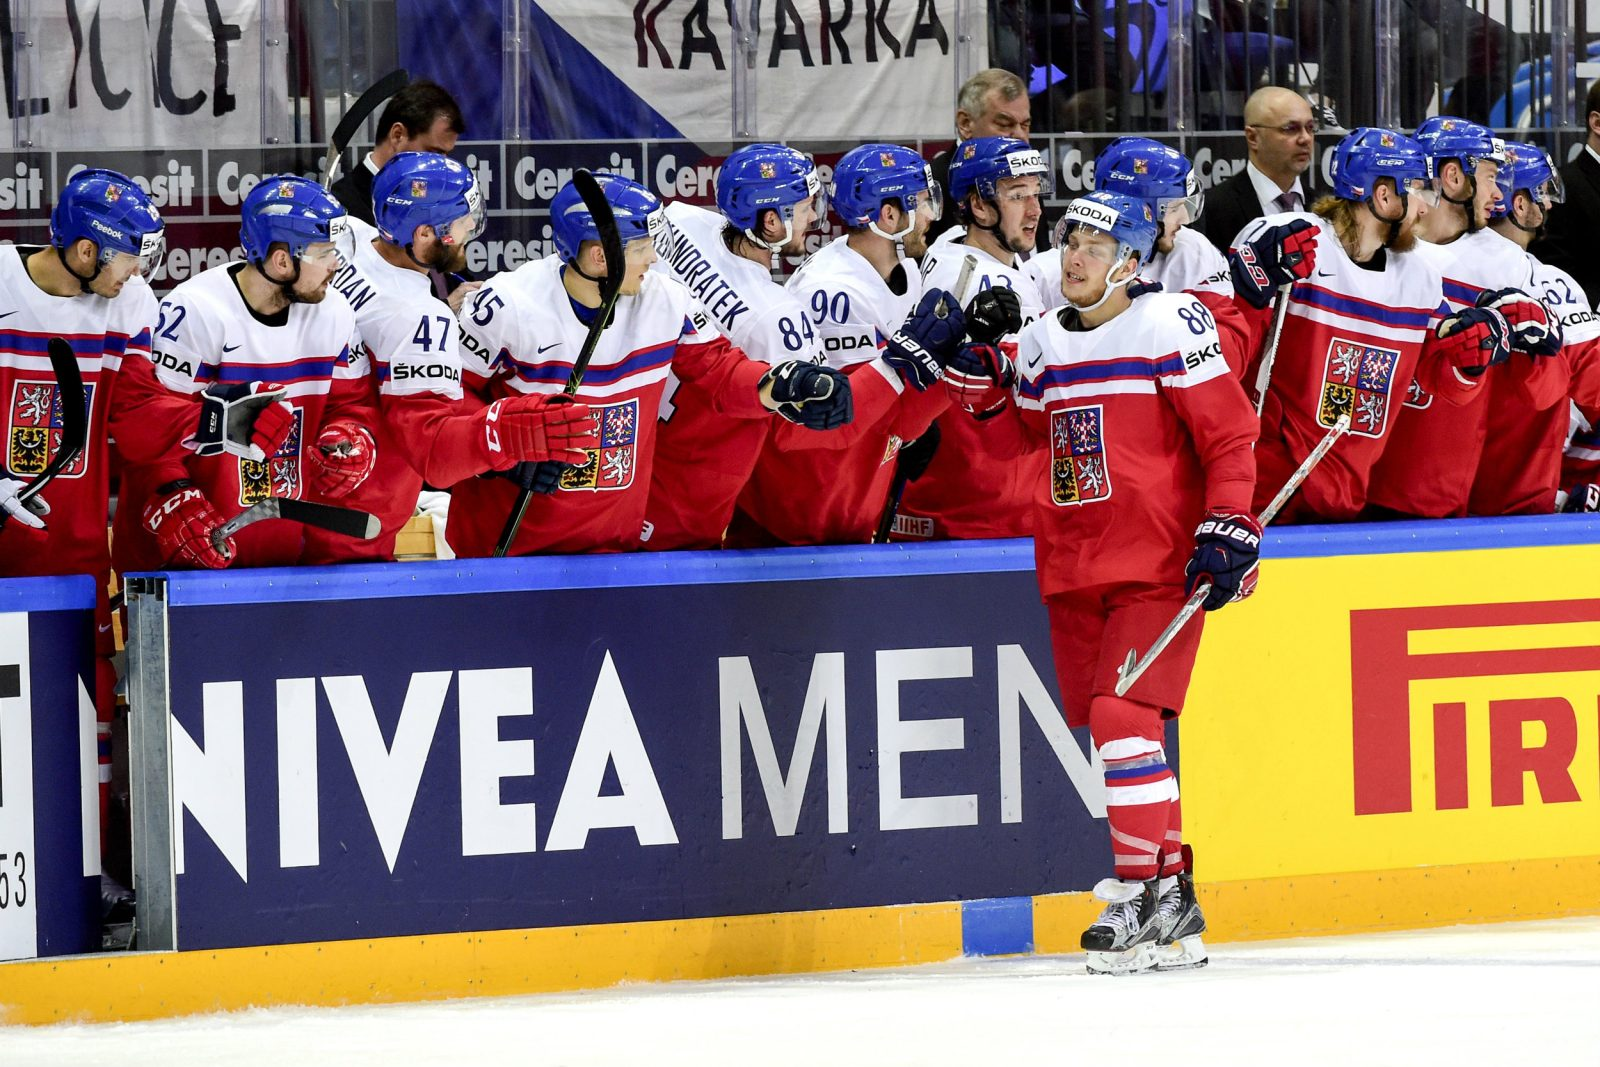 Tjeckien avfärdar motståndet